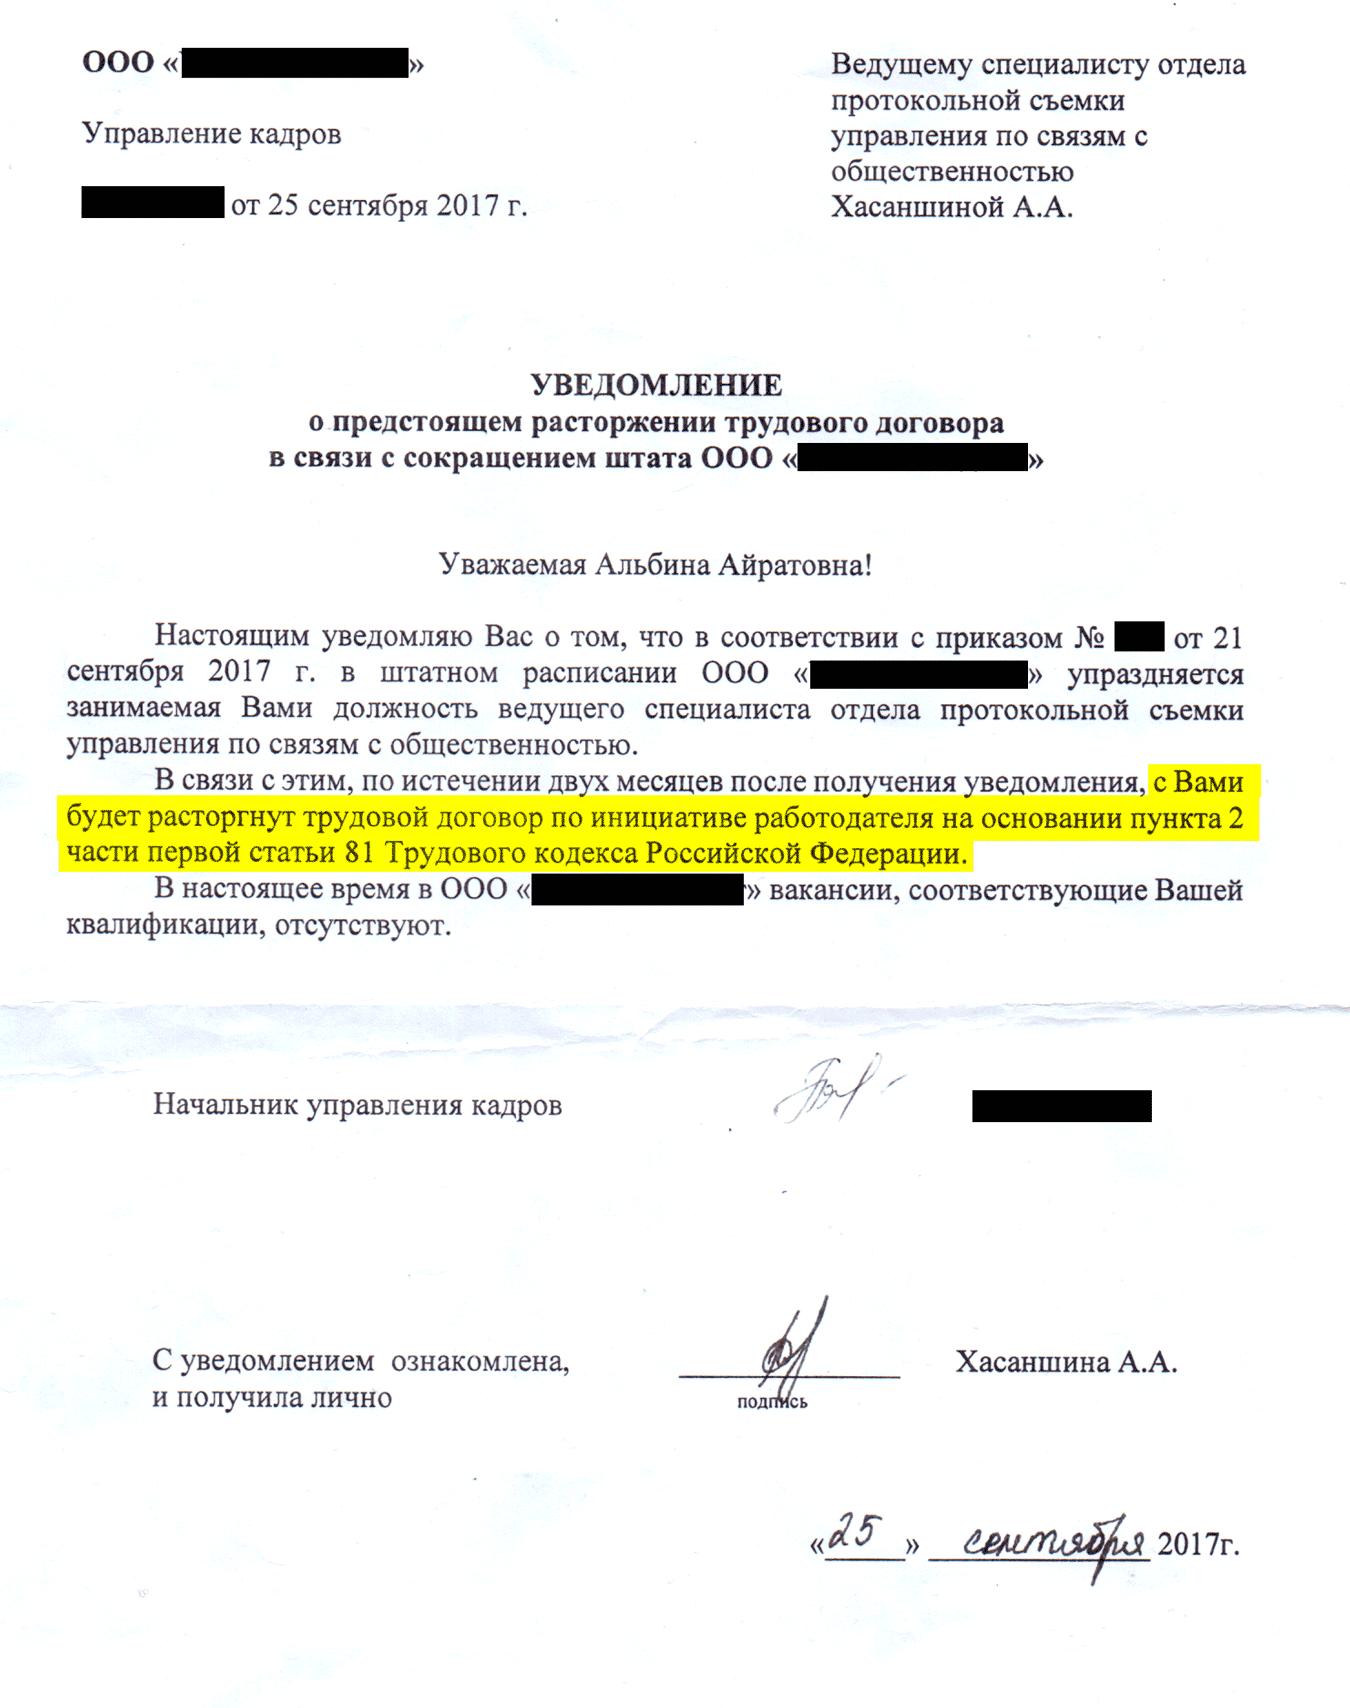 Центральный районный отдел судебных приставов г твери